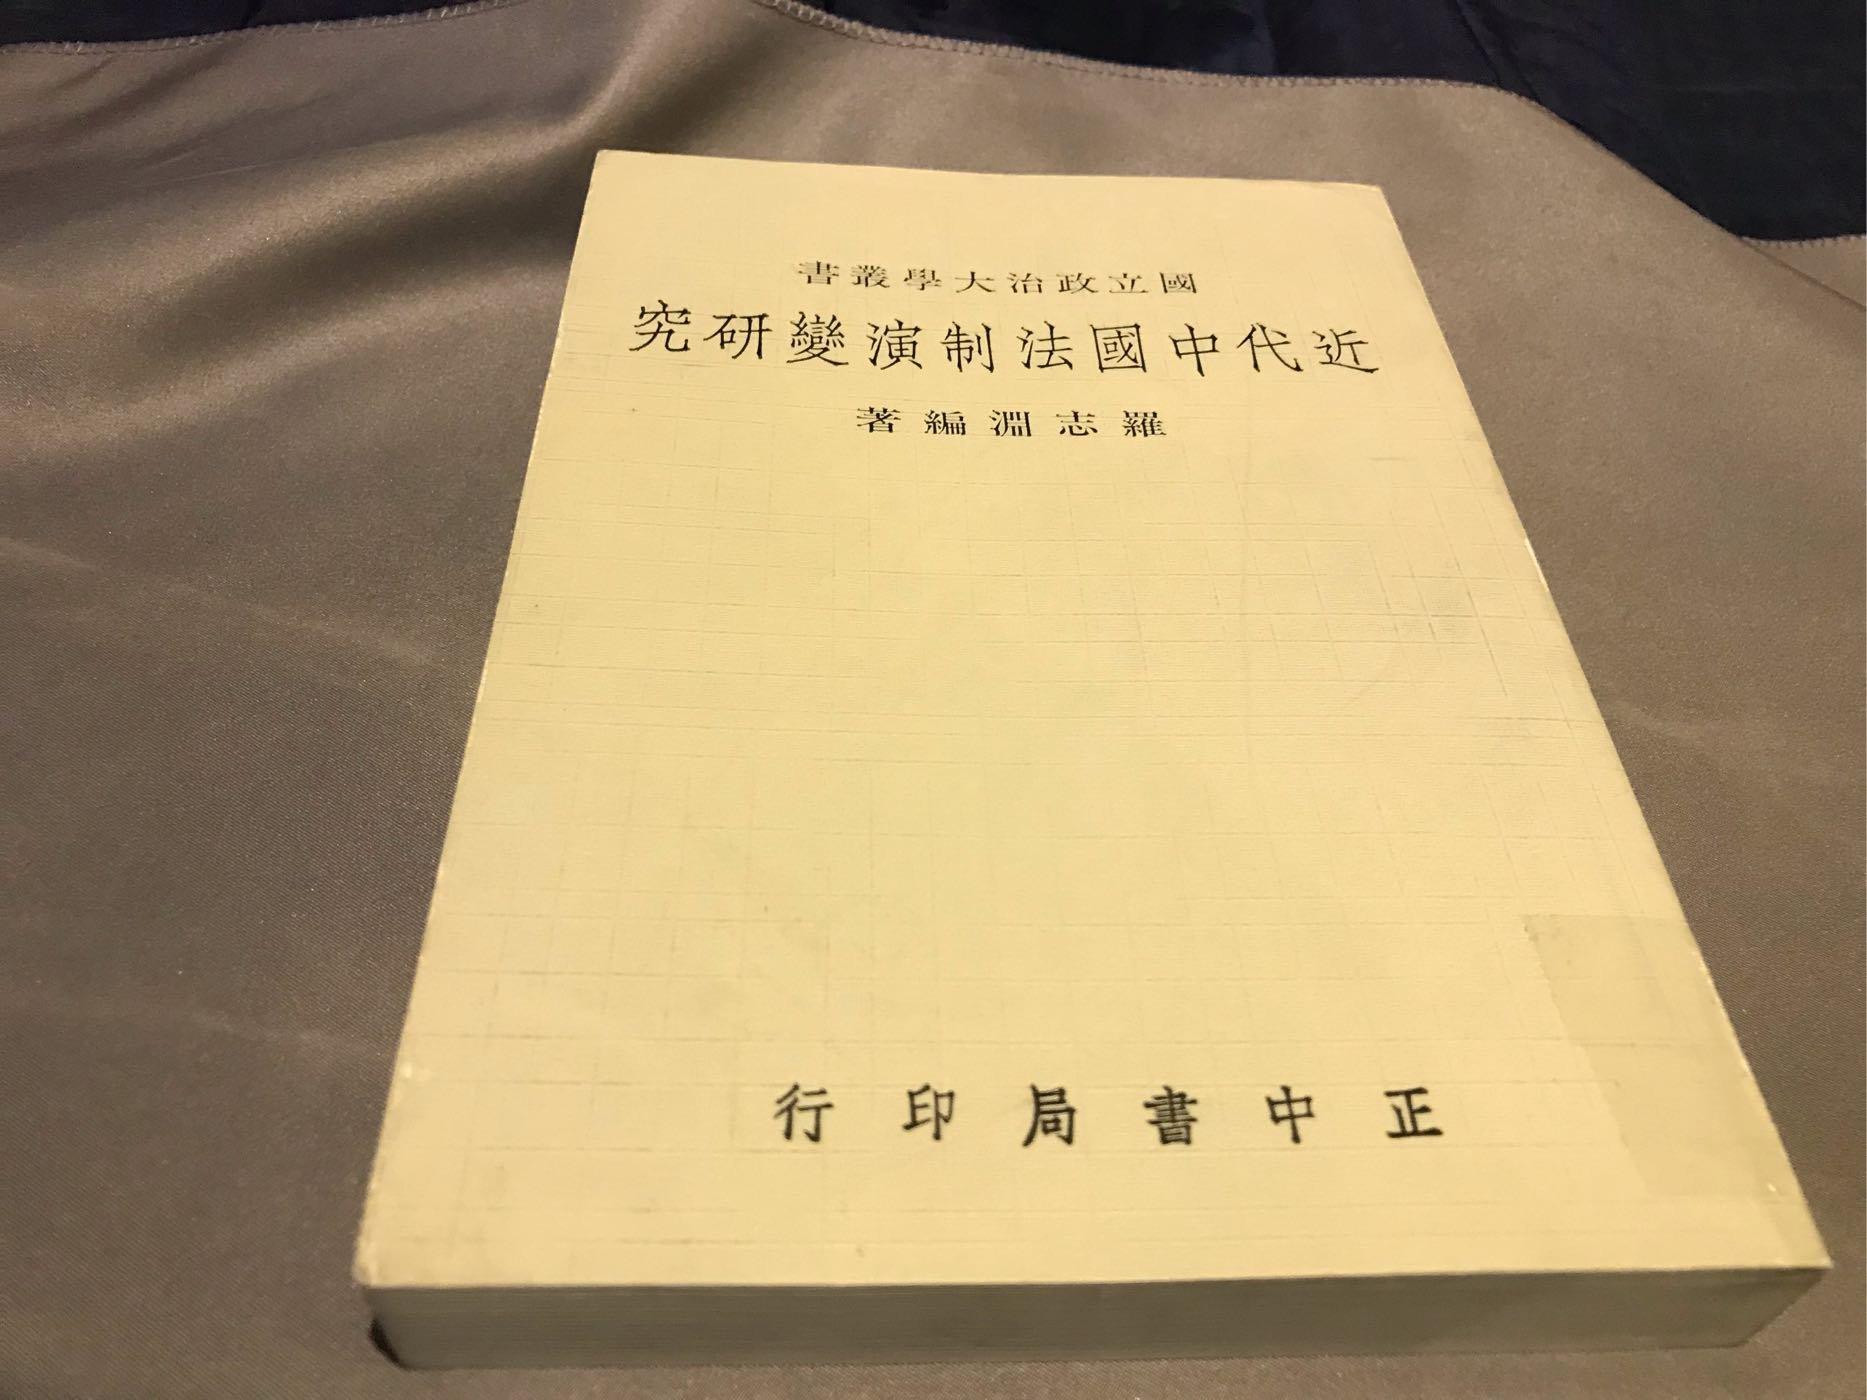 [郭 ]絕版 書~~近代中國法制演變研究~~羅志淵編著 絕版 書共一本